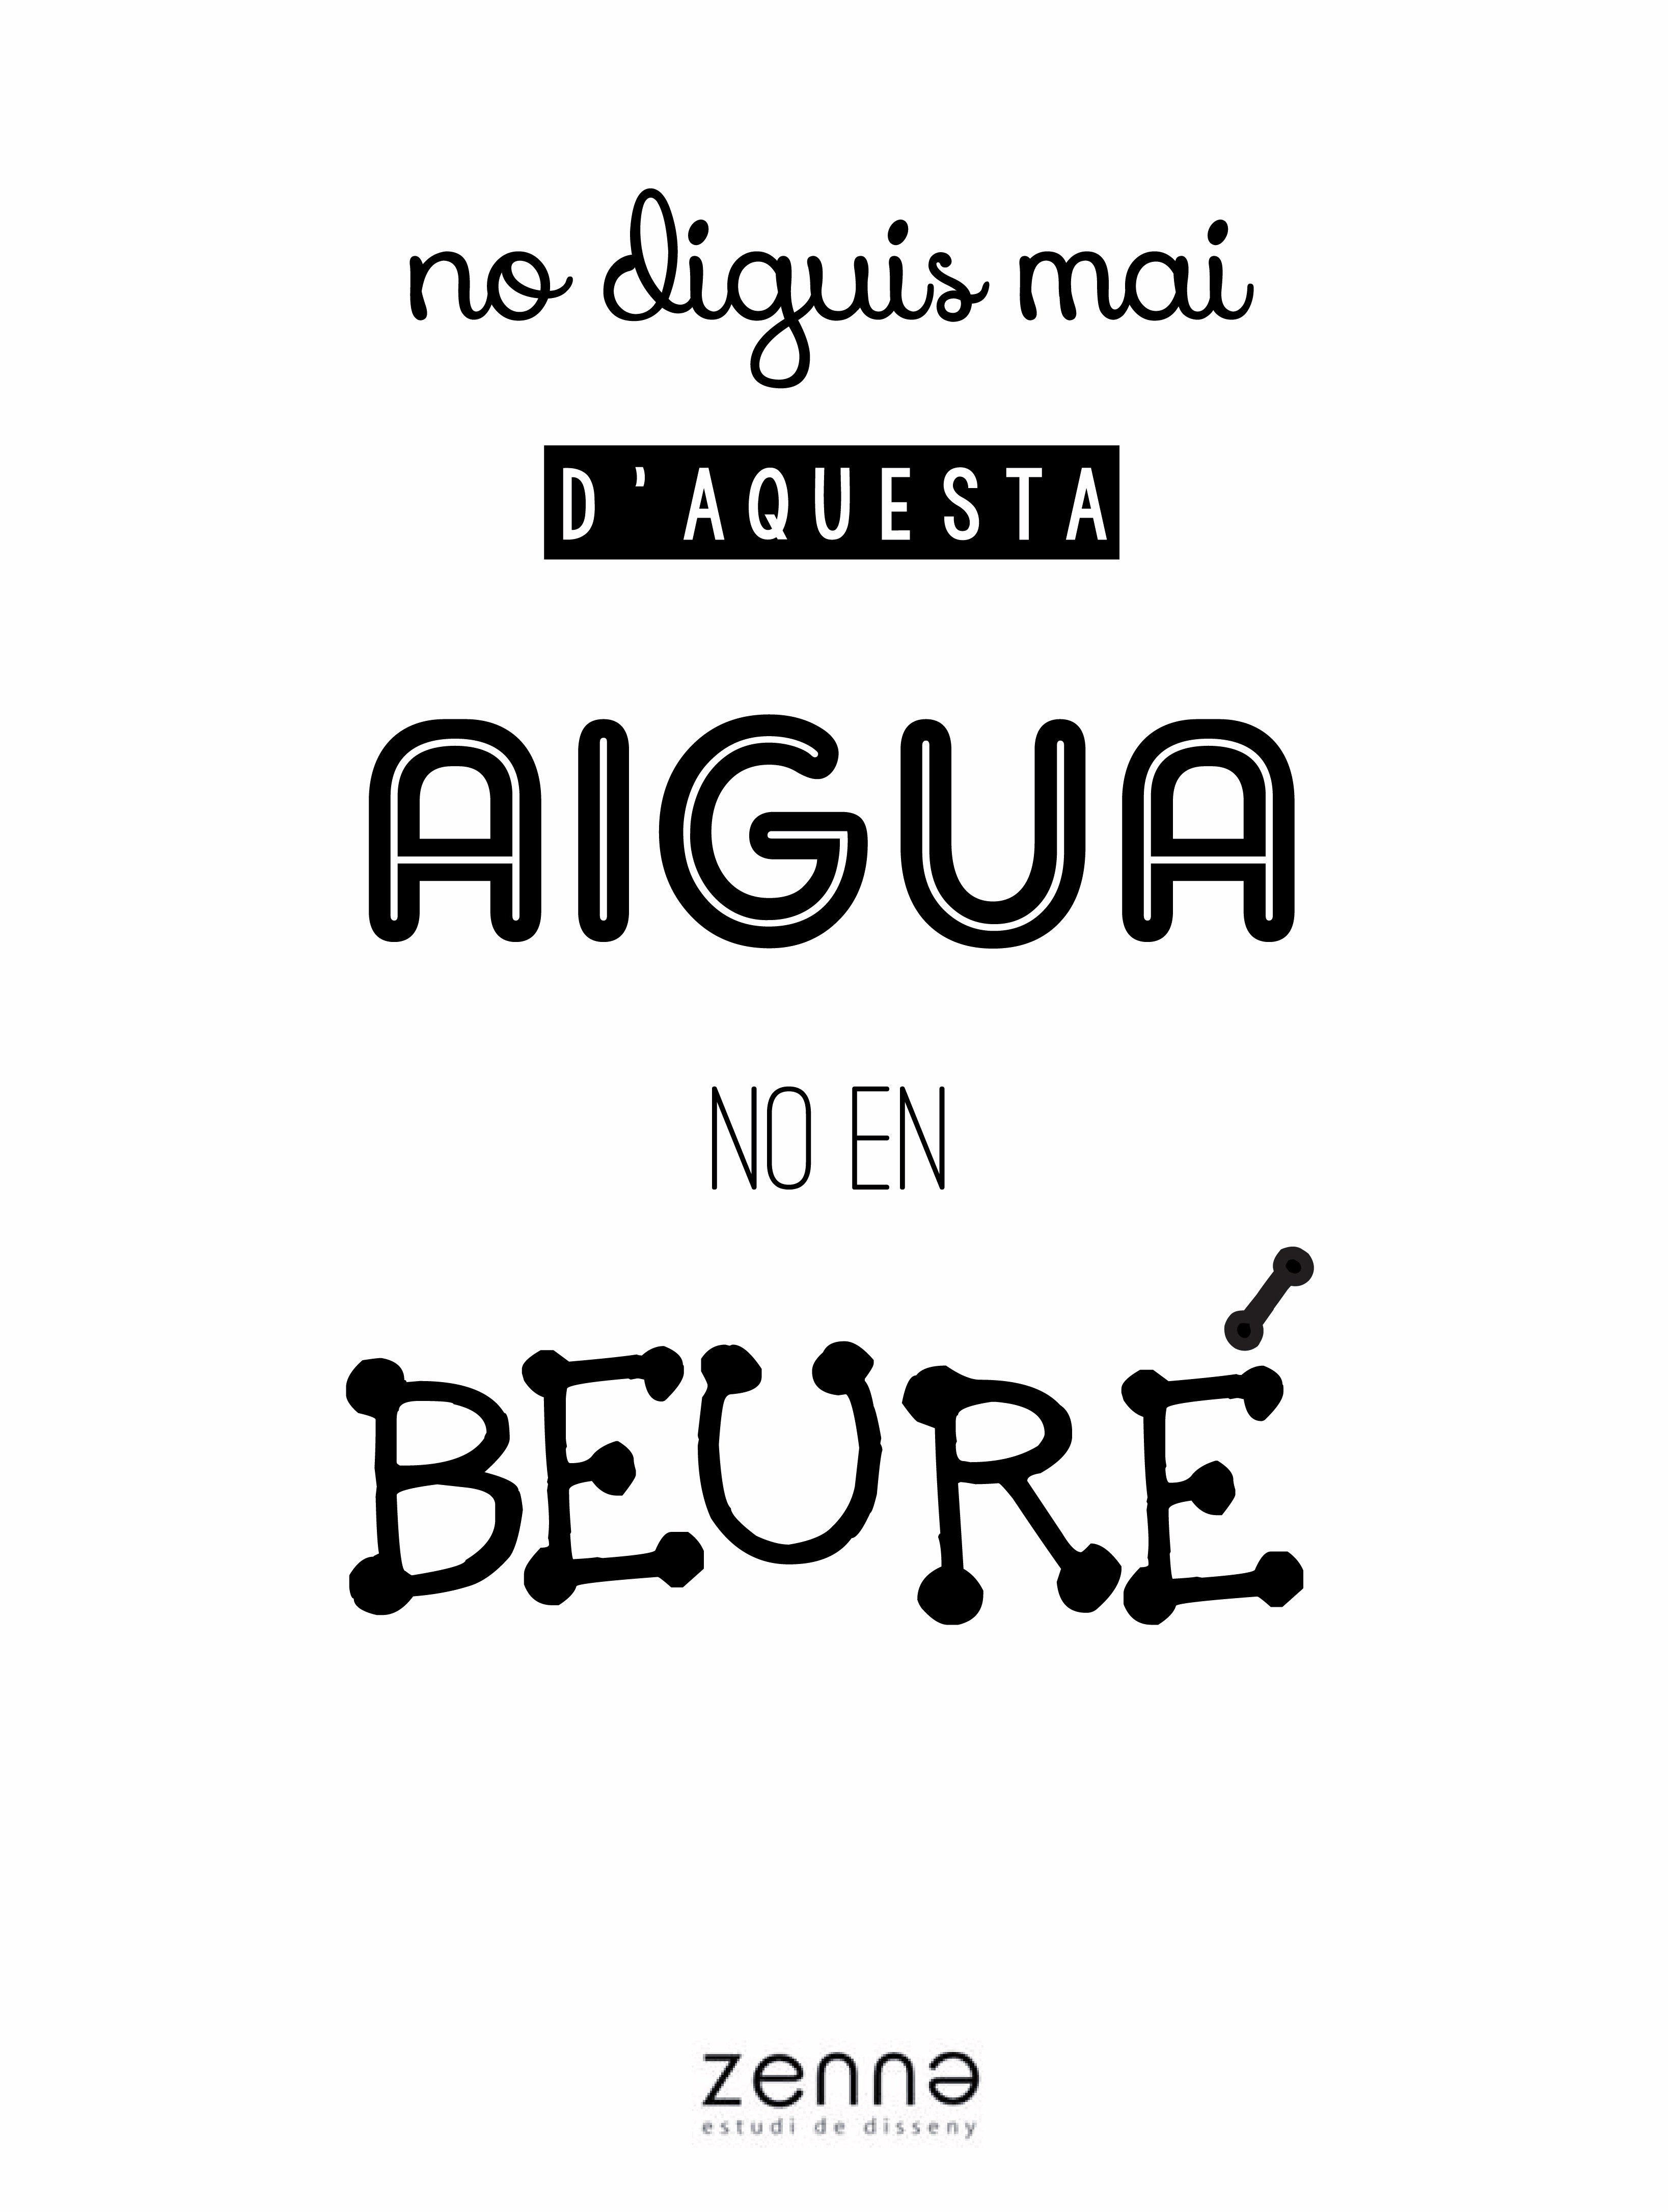 Las 20 Mejores Frases Motivadoras En Catala Solo Imágenes